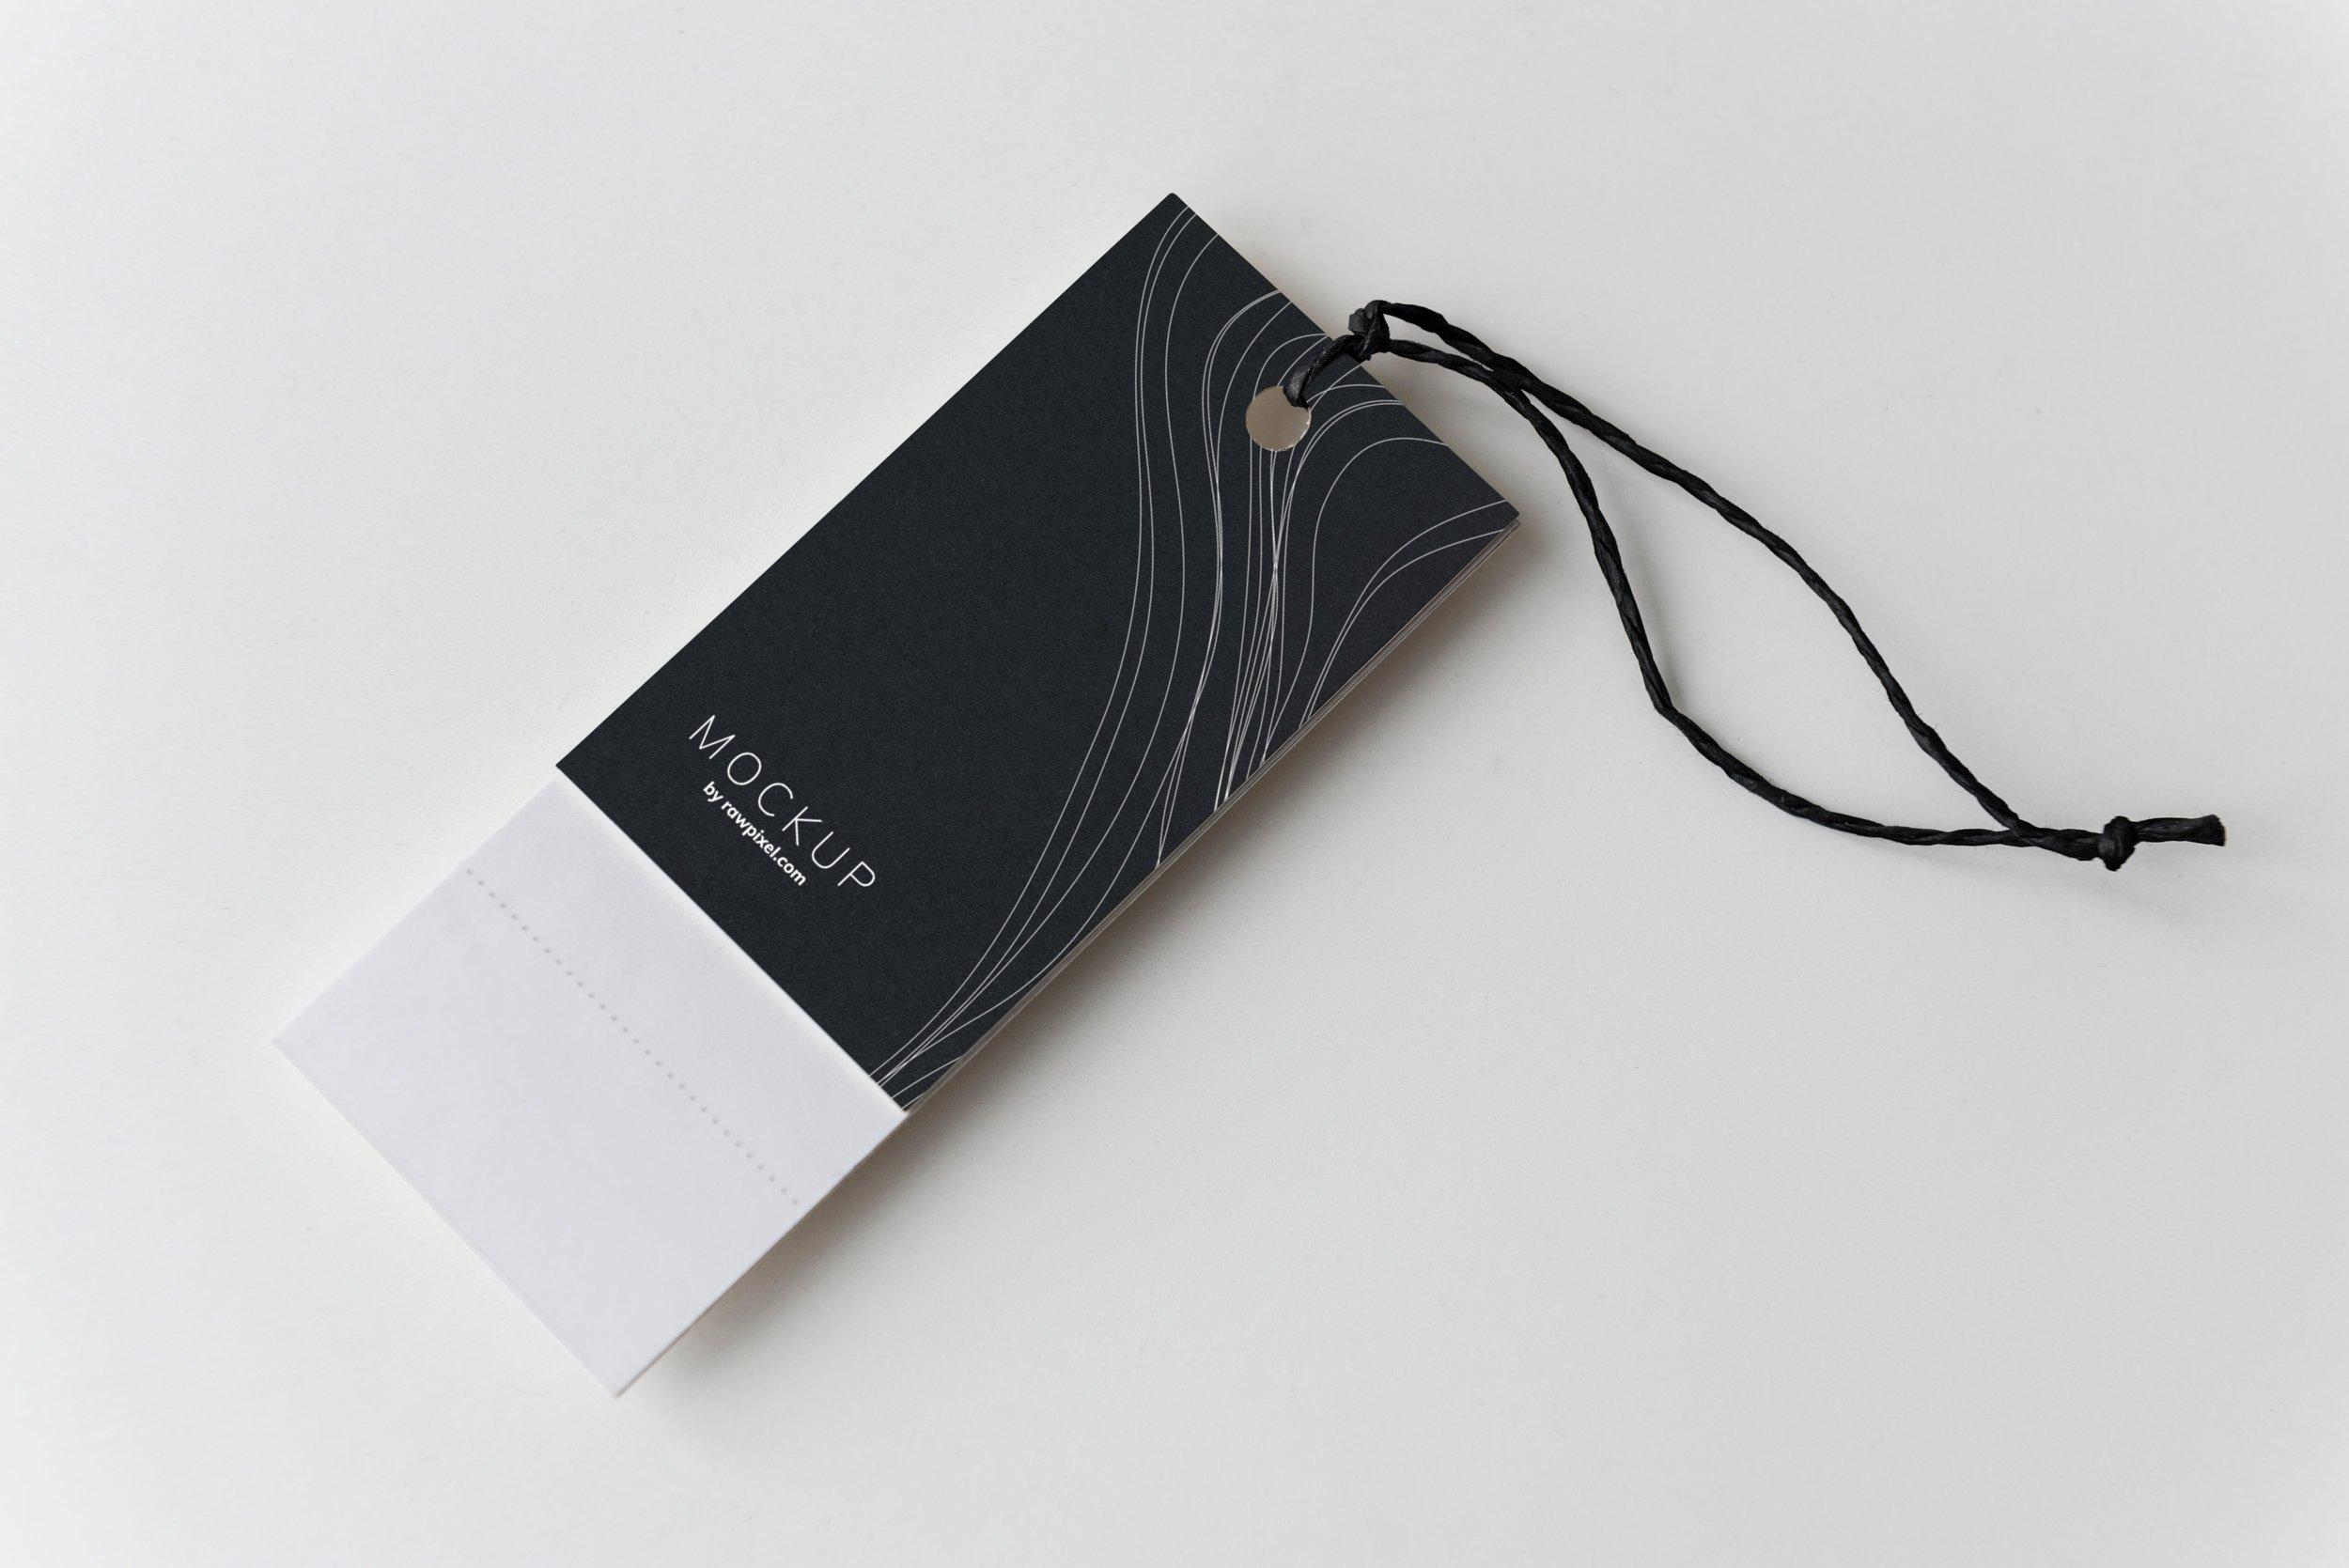 black-blank-blank-space-1493322.jpg